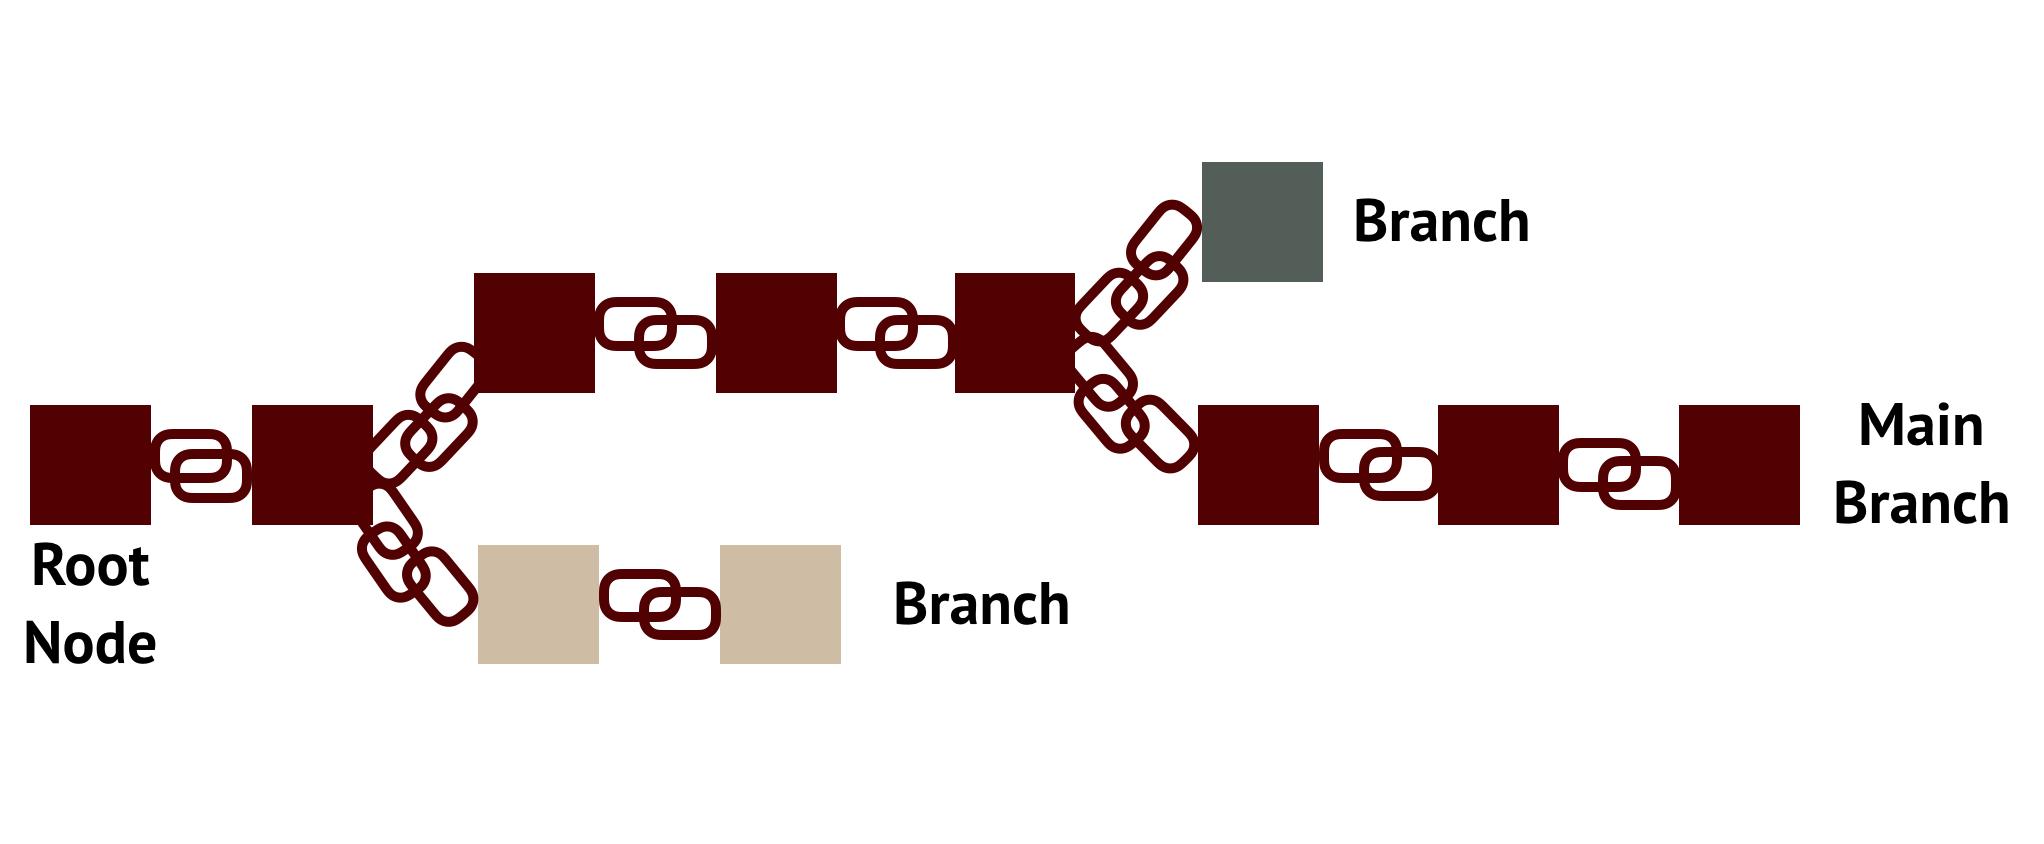 Abb. 2: Blöcke in der                                     Blockchain mit dem aktuellen Branch, dem Main Branch und nicht                                     mehr weiterverfolgten Branches (beige und grau). [Anna Neovesky                                     / Julius Peinelt 2018. CC BY 4.0.]